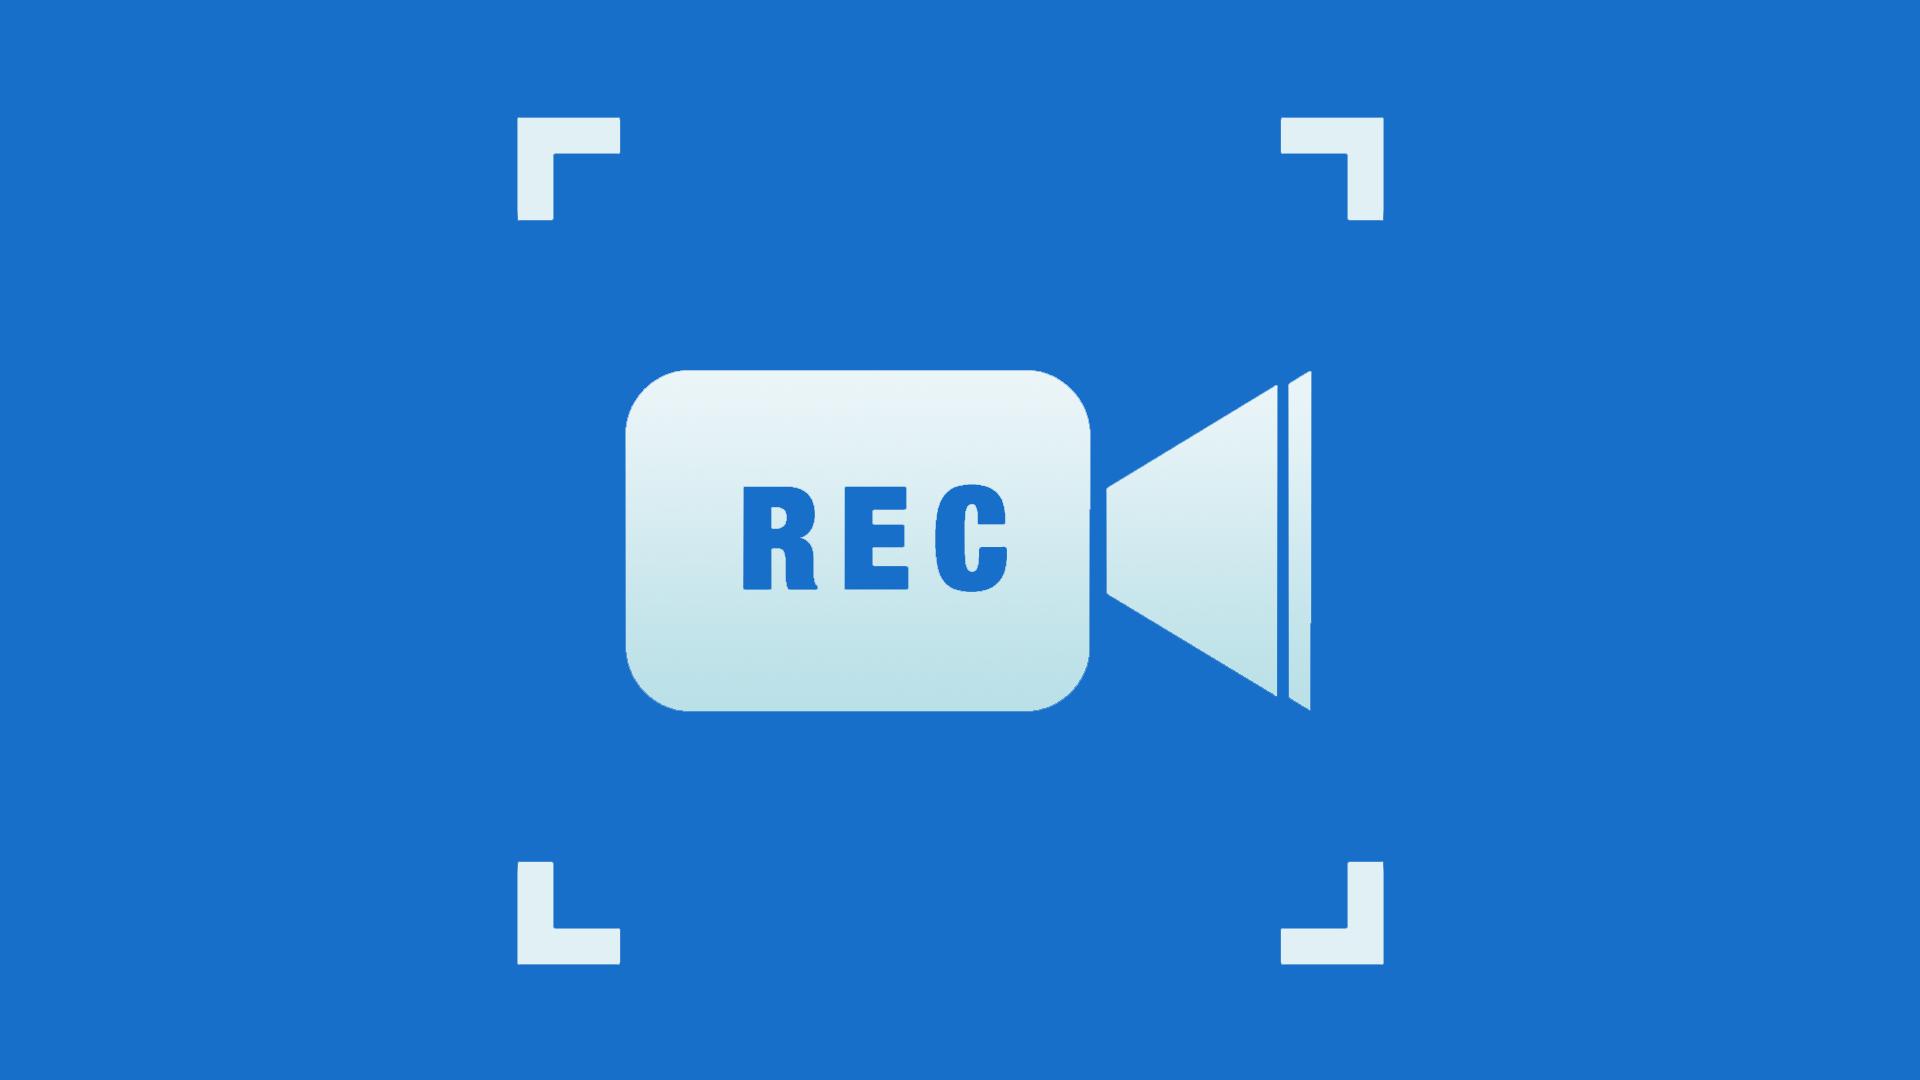 تنزيل برنامج Screen Recorder لتصوير الشاشة فيديو للكمبيوتر مجاناً